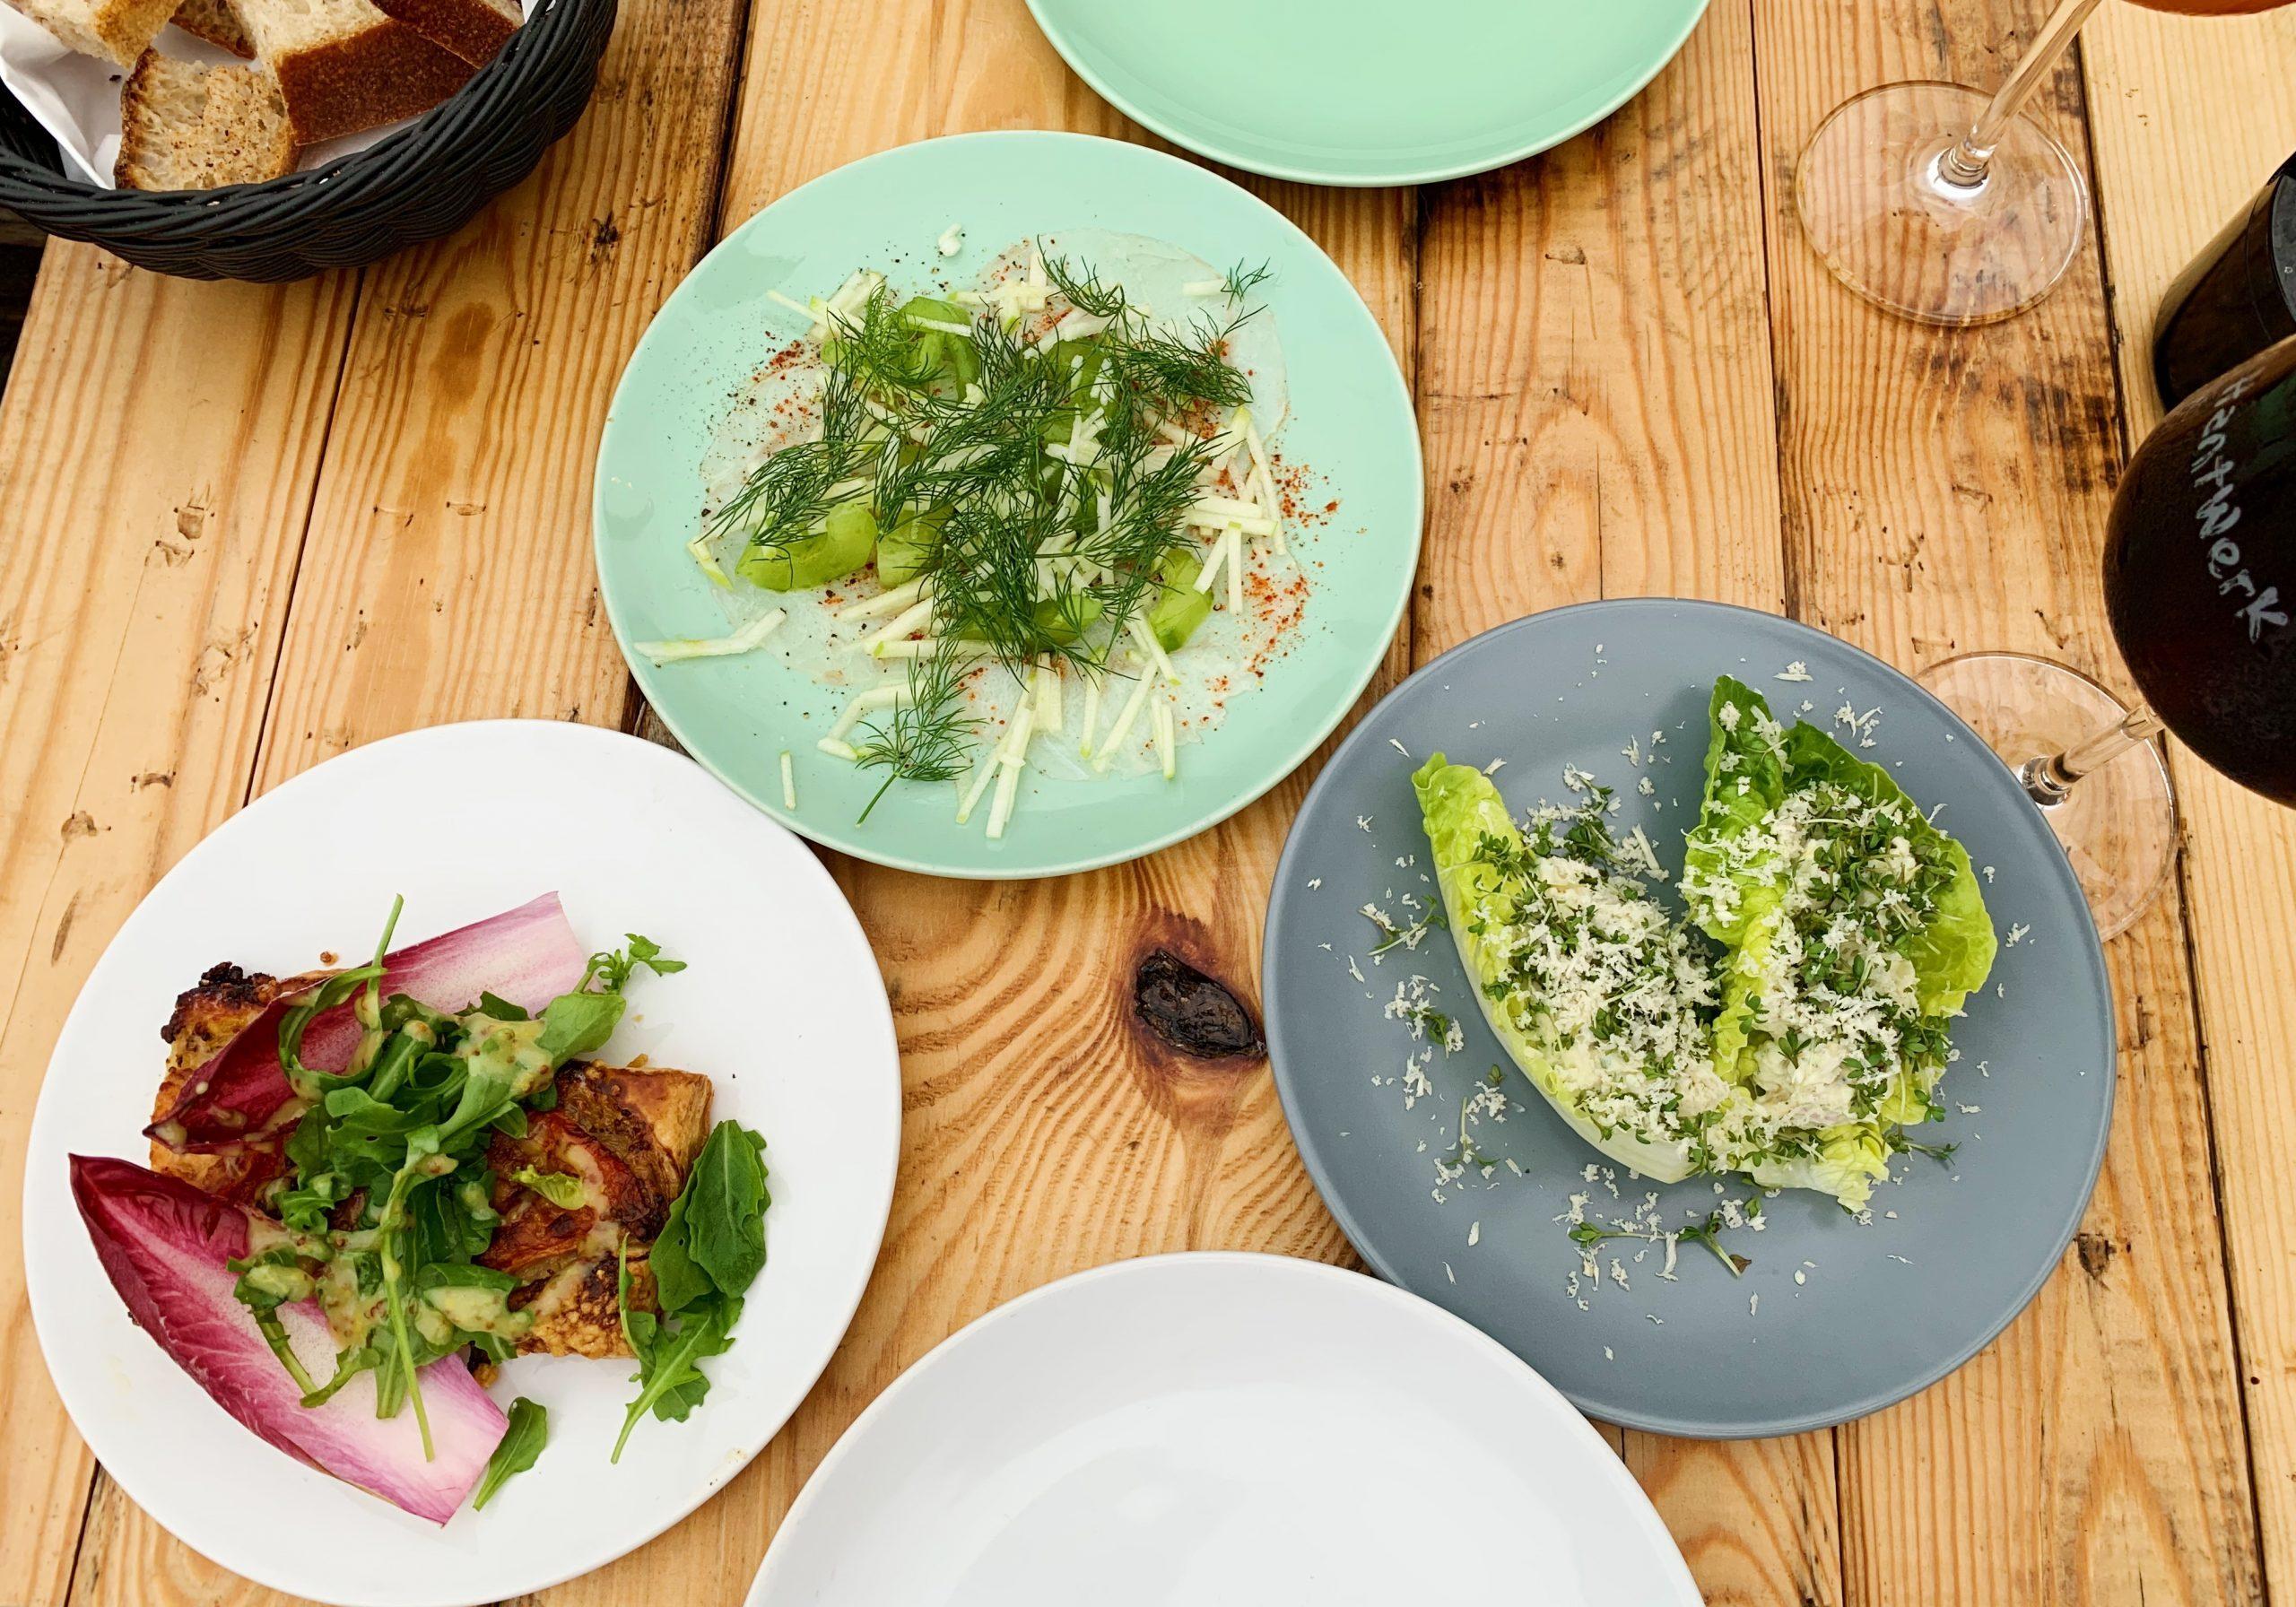 Aarhus_food_057